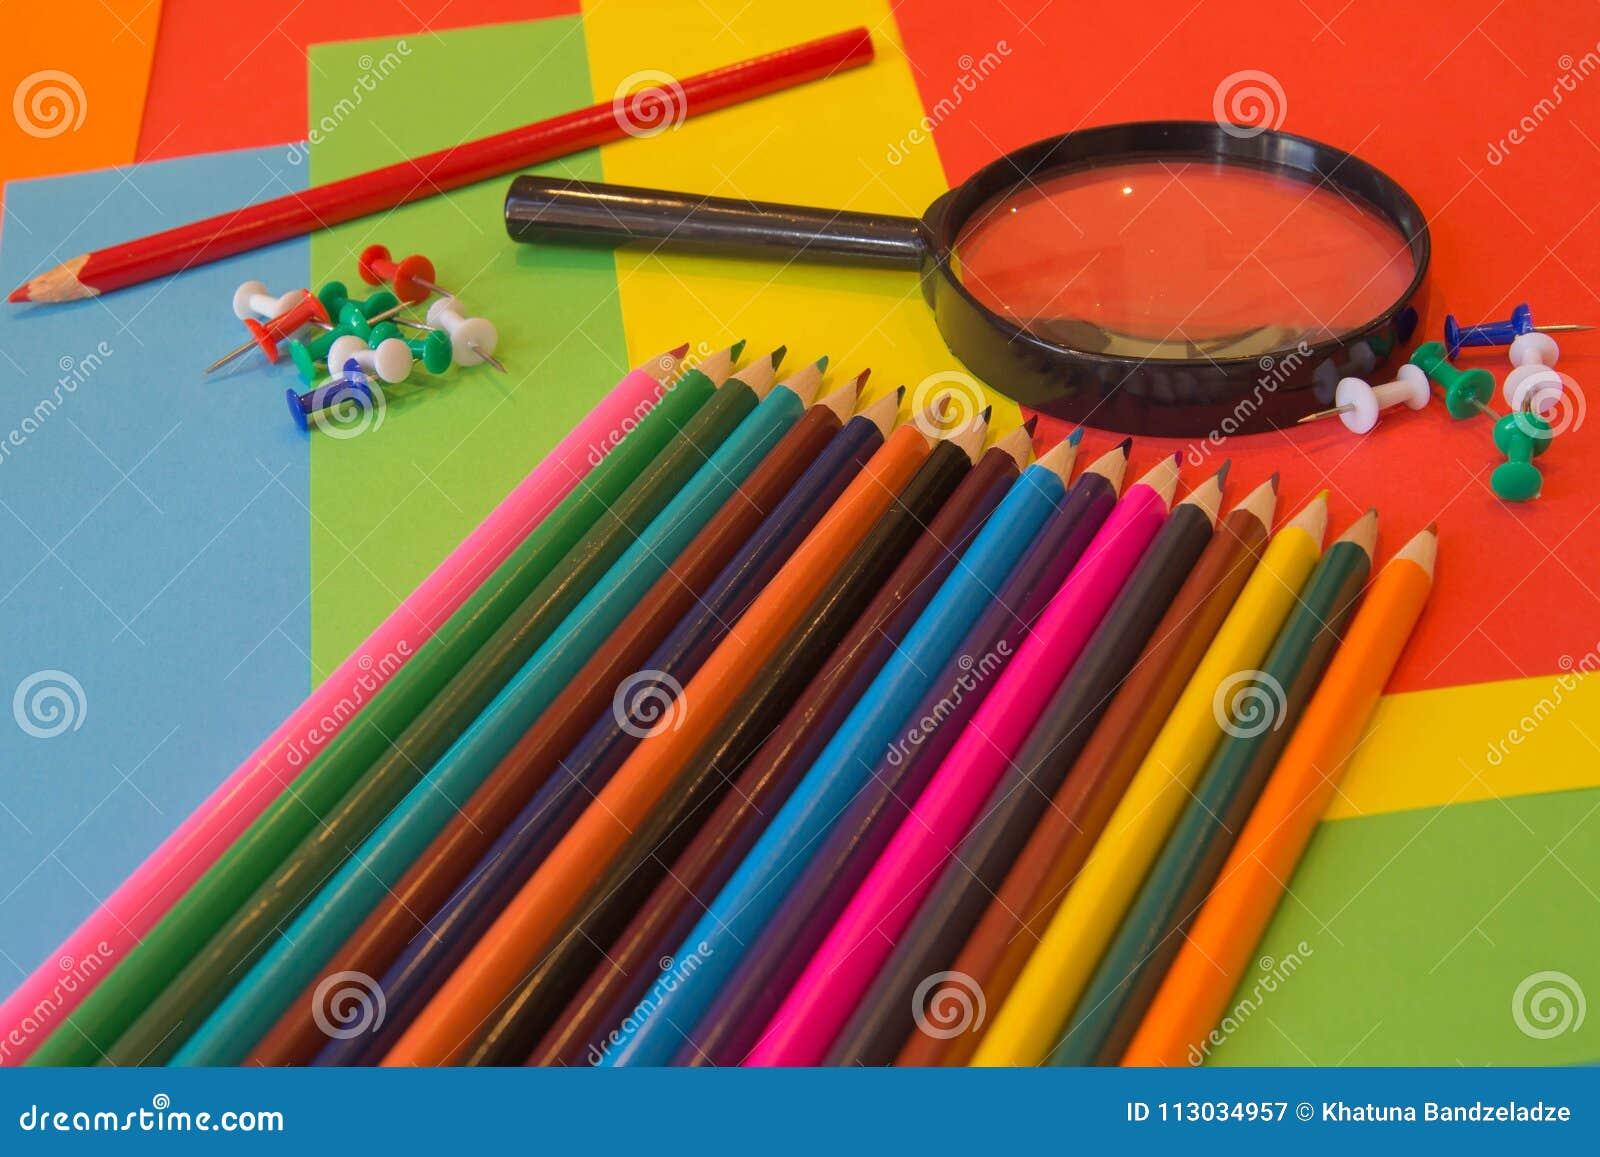 Lápices de los colores, coloridos muchos creyones variedad de color